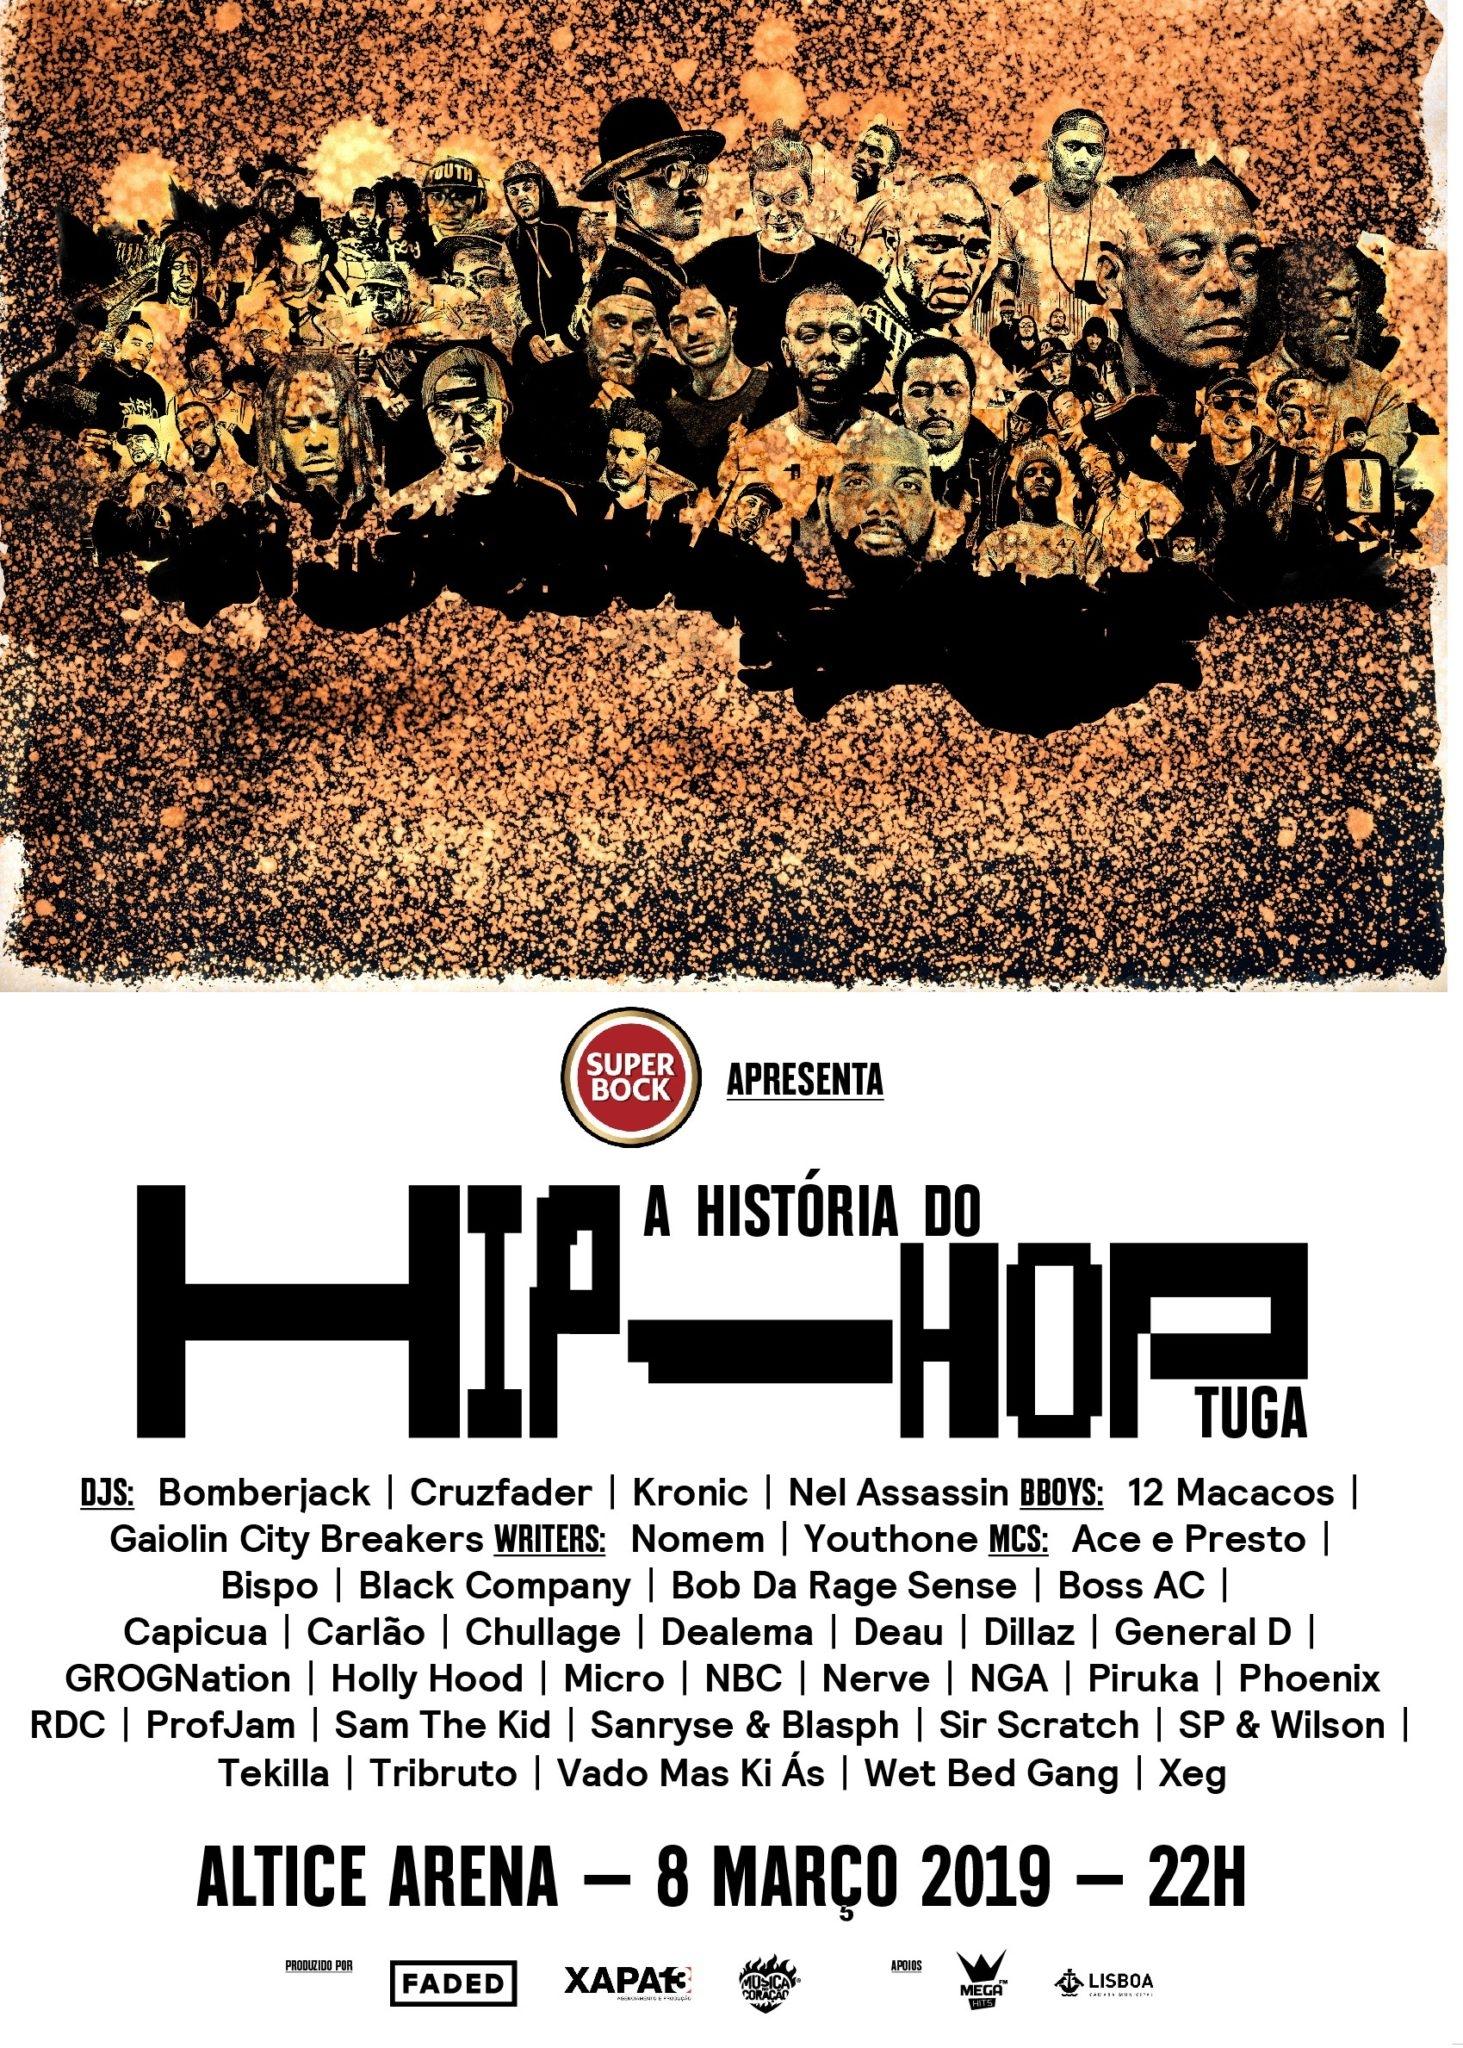 imagem-a-historia-do-hip-hop-tuga.jpg